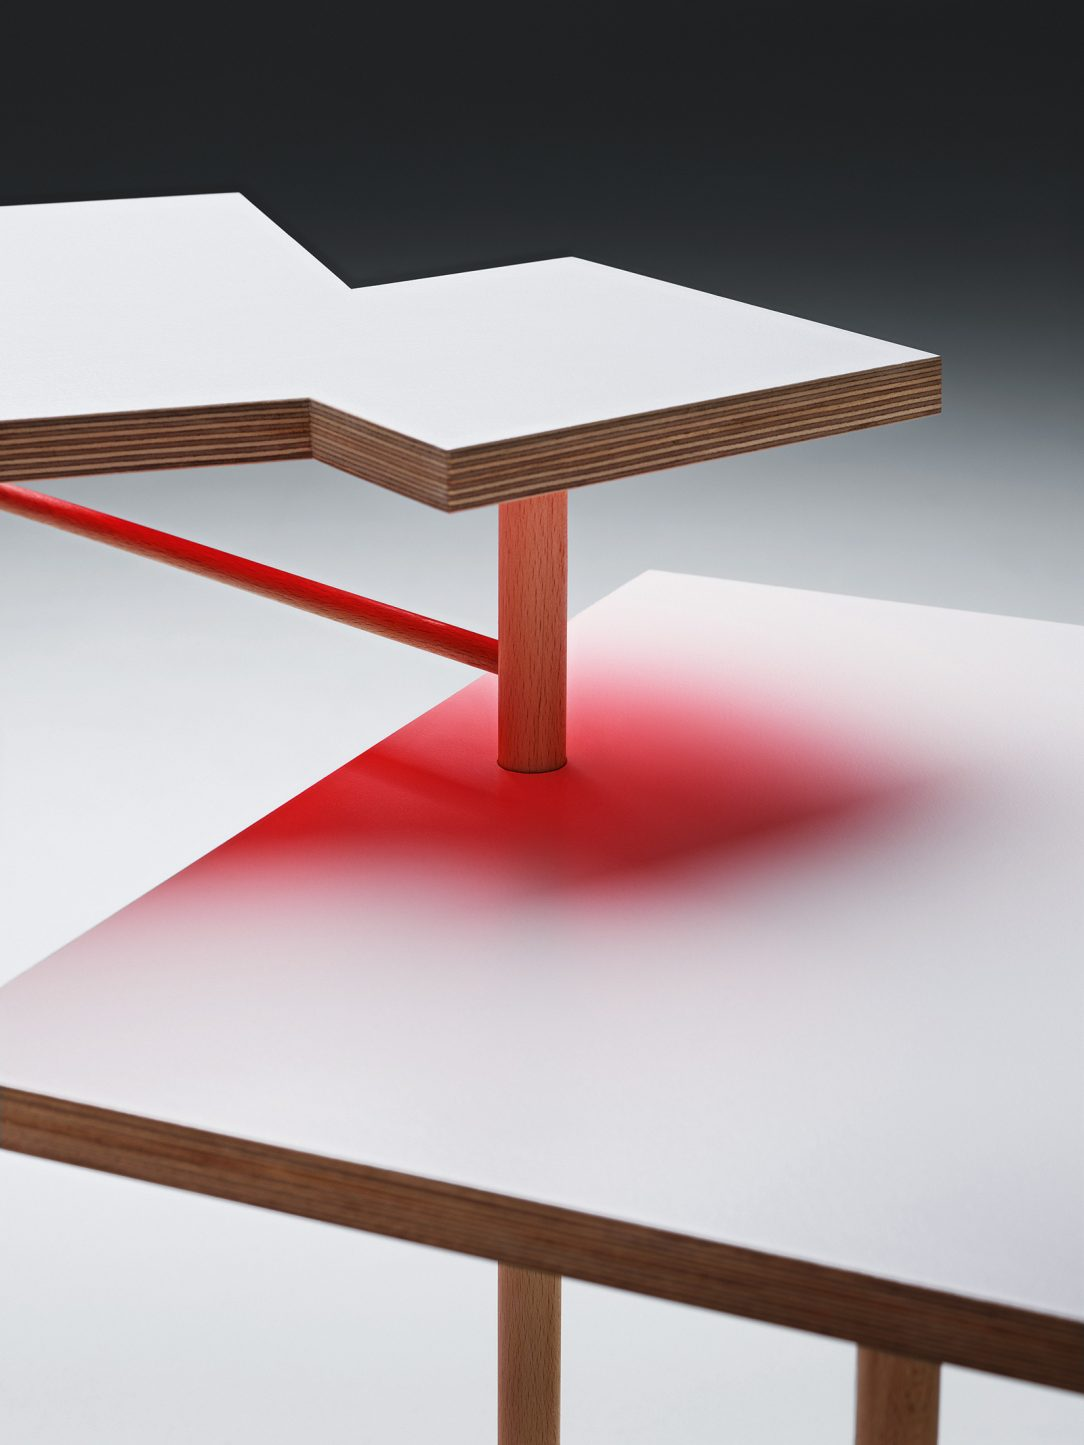 Podľa polohy dosiek stola a dopadu svetla odrážajú tieto plochy rôzne svoju farbu na okolitý materiál.